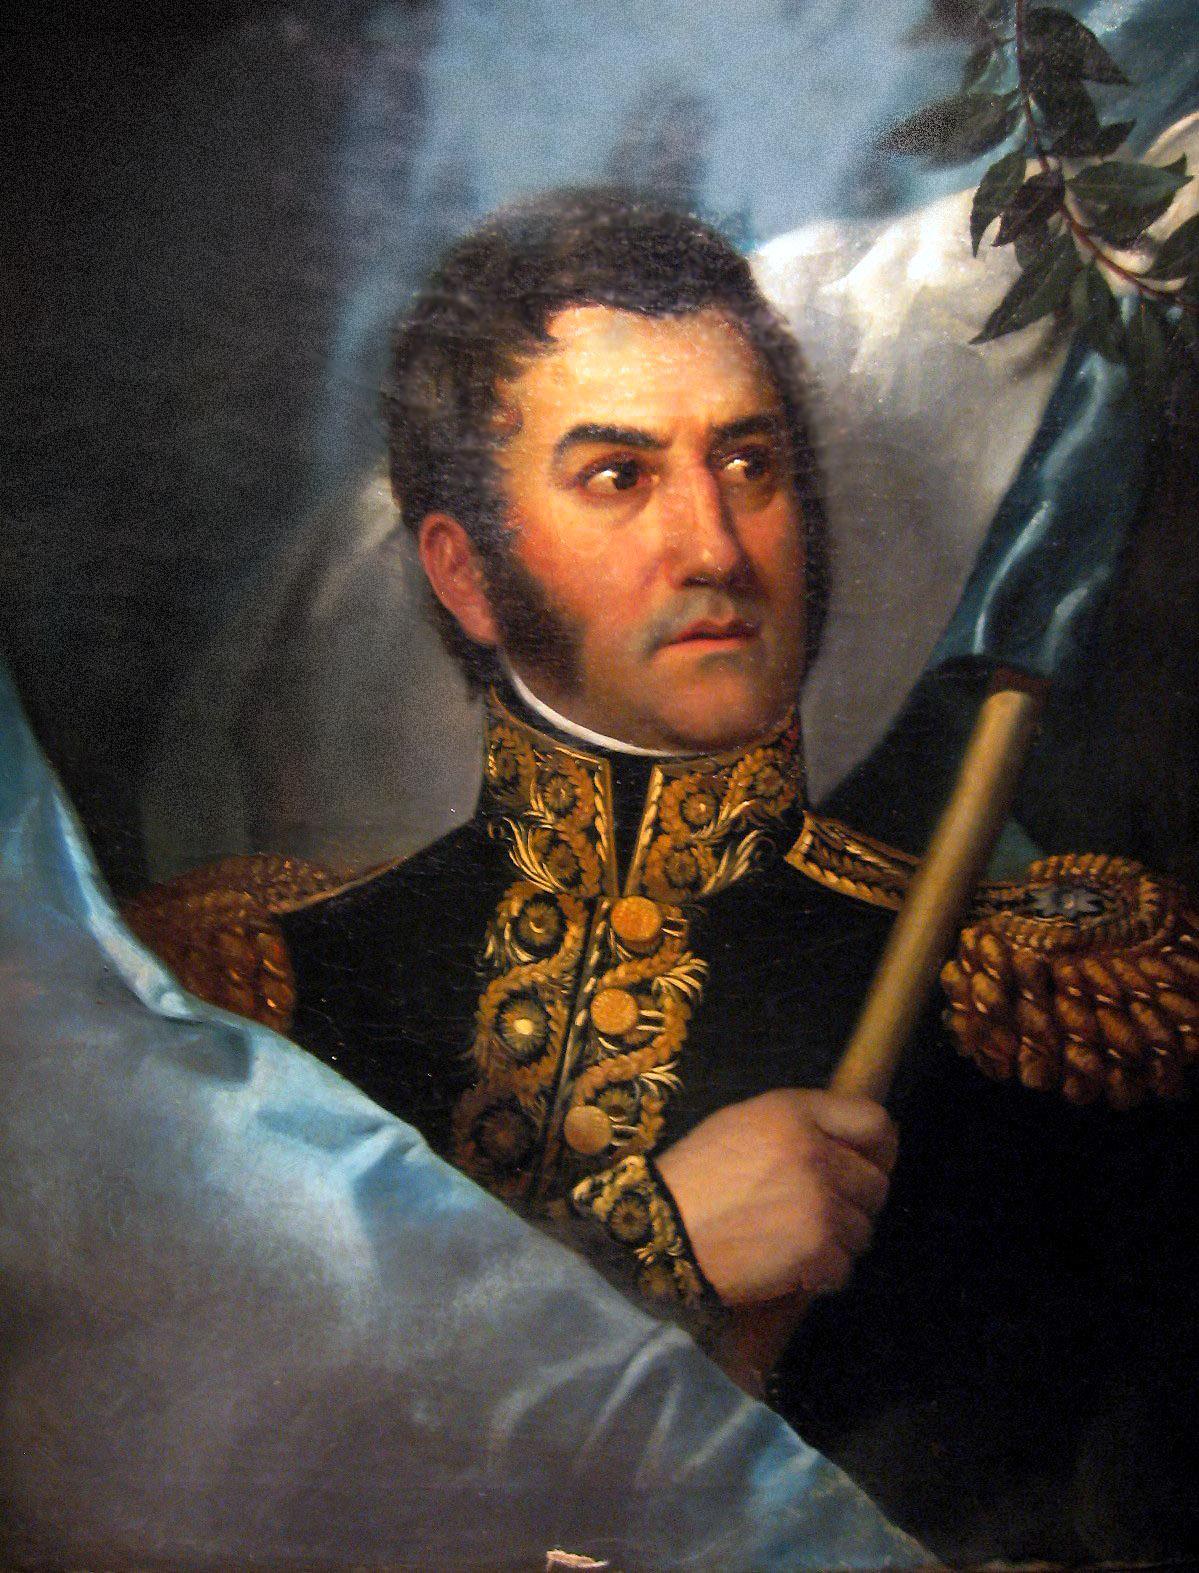 Estimadas familias: El lunes próximo 17 de agosto se conmemora el 170° aniversario de la muerte del Gral. San Martín.